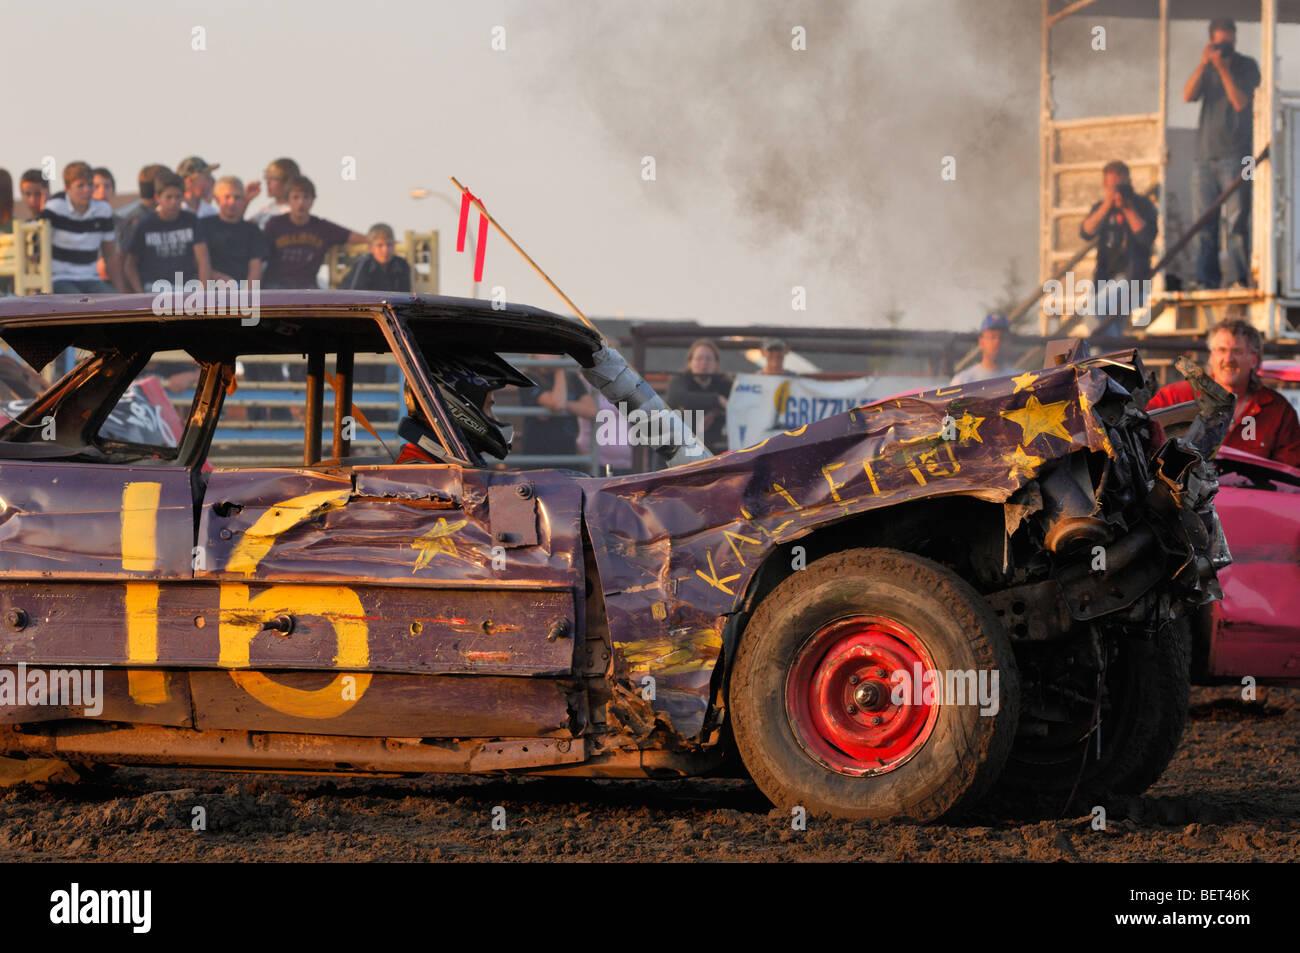 Smash up derby - Barrhead, Alberta, Canadá Foto de stock